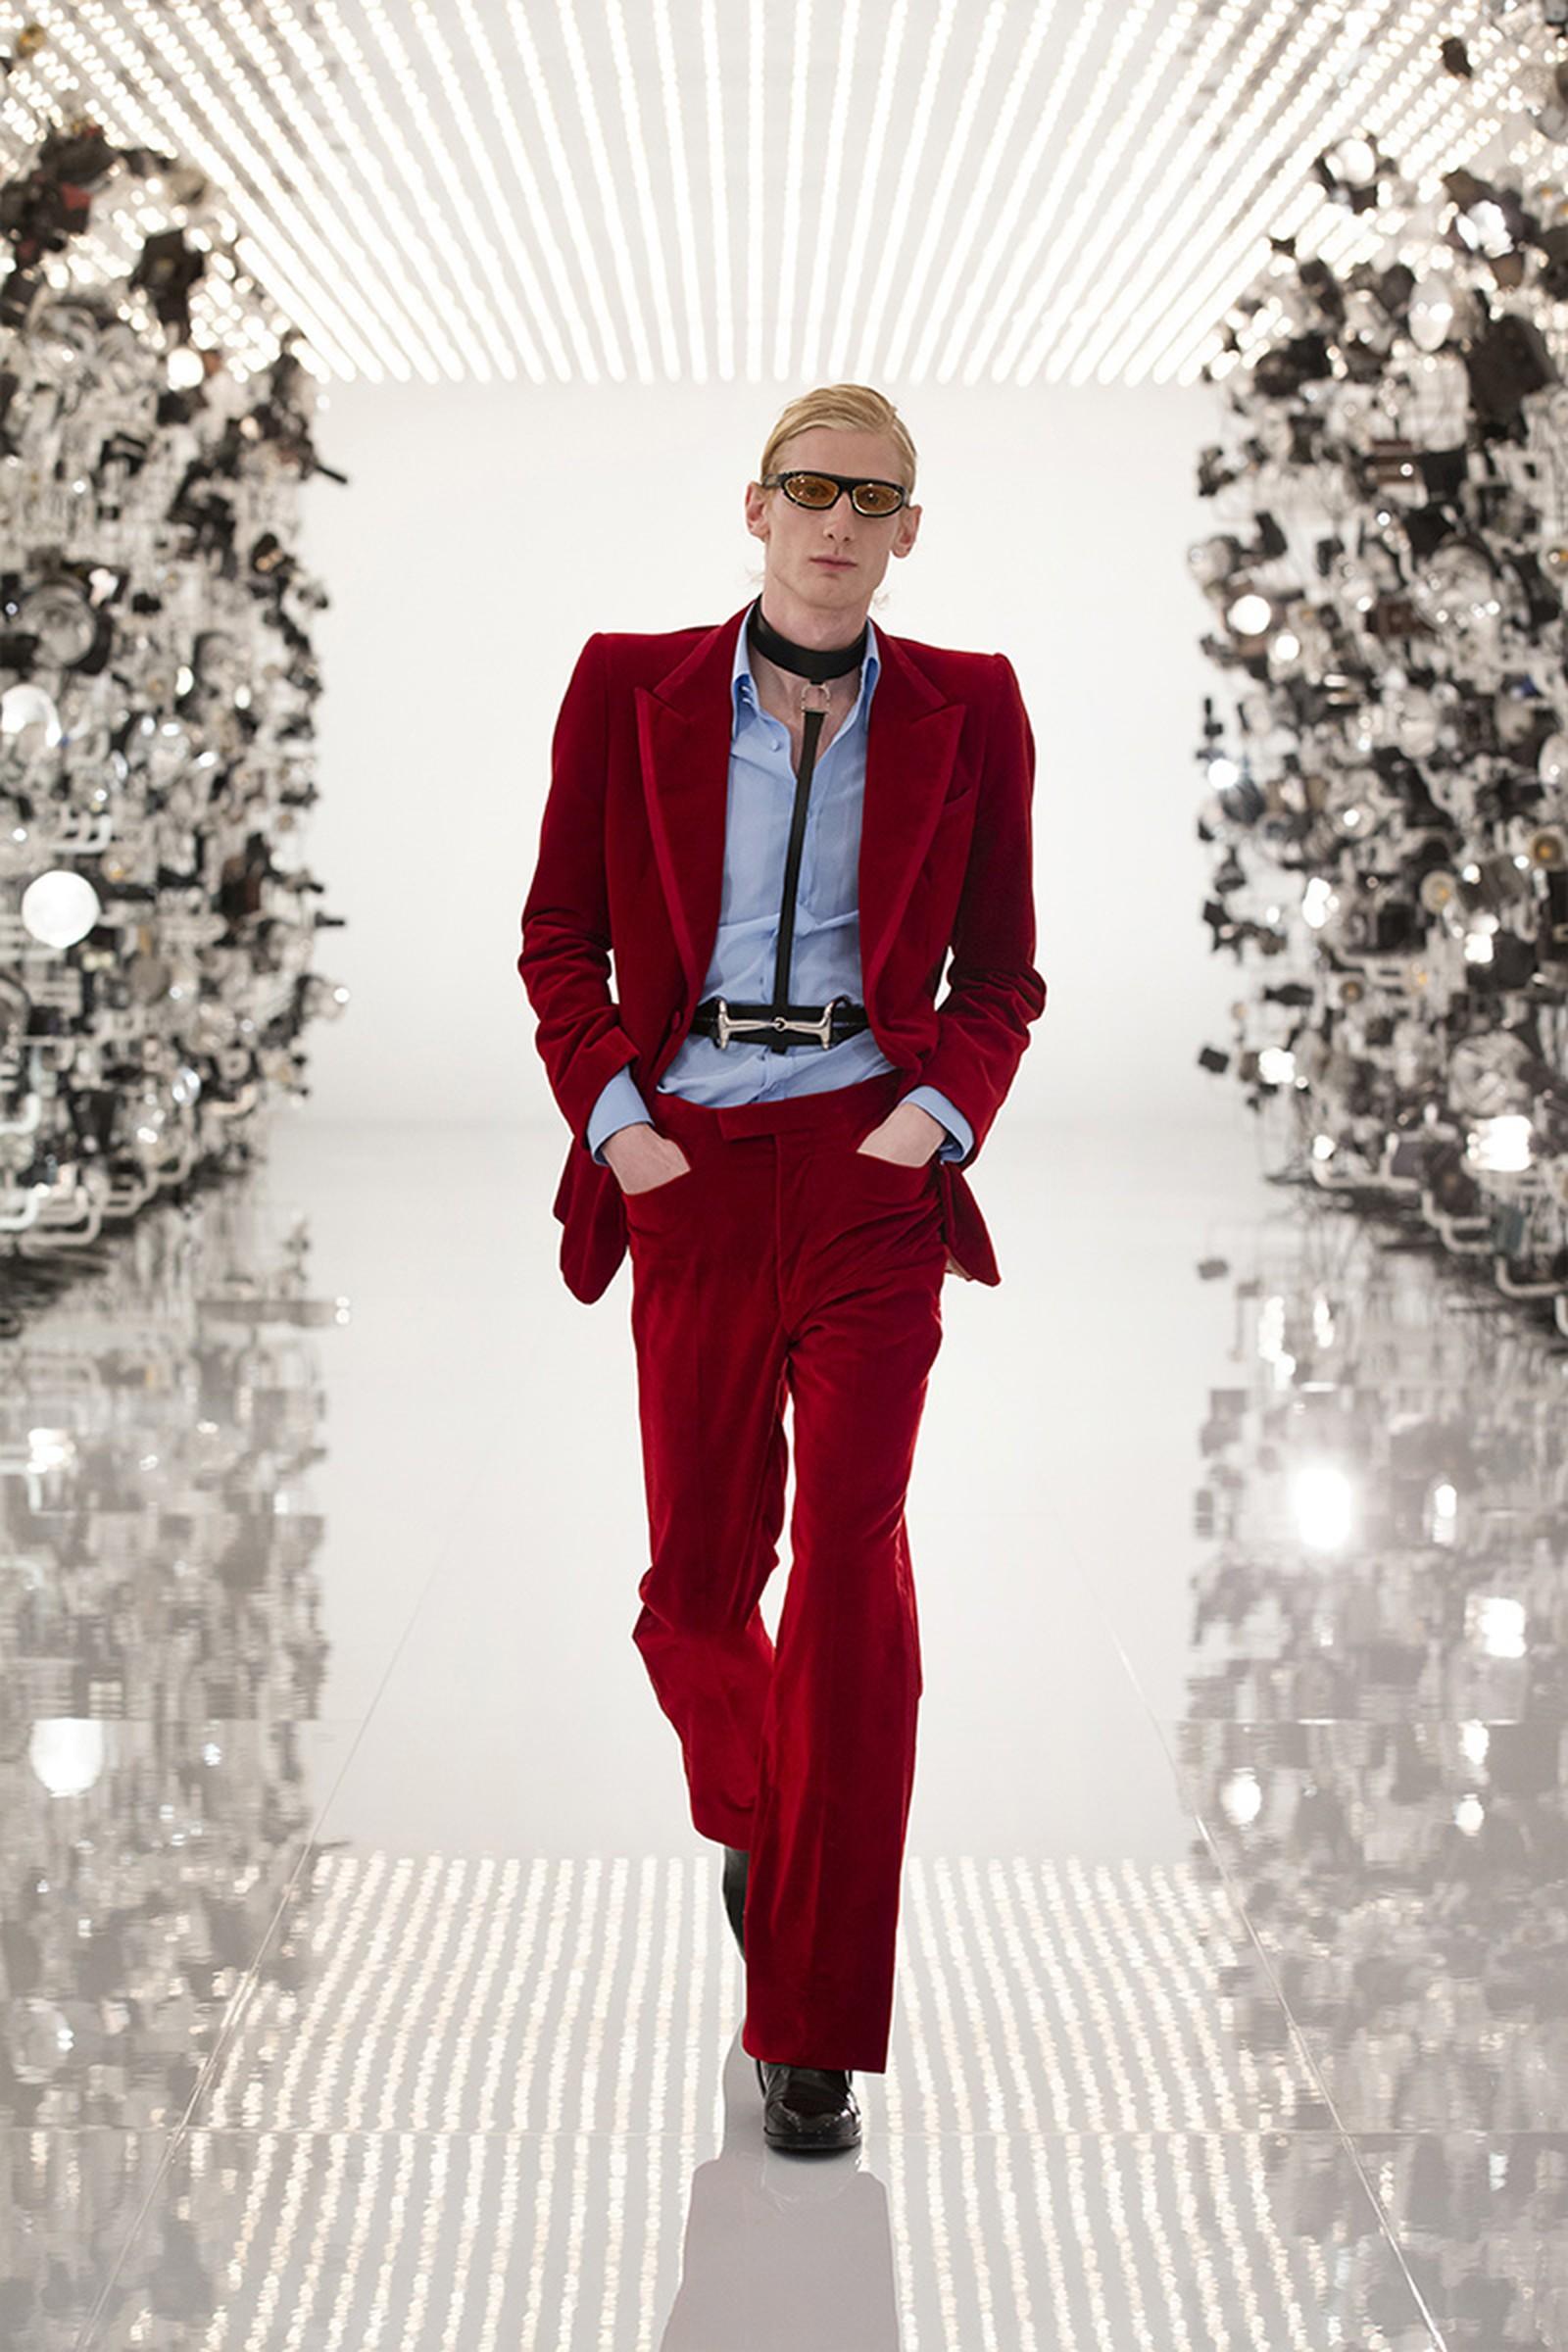 Gucci x Balenciaga bộ suit màu đỏ tía ảnh hưởng phong cách Tom Ford